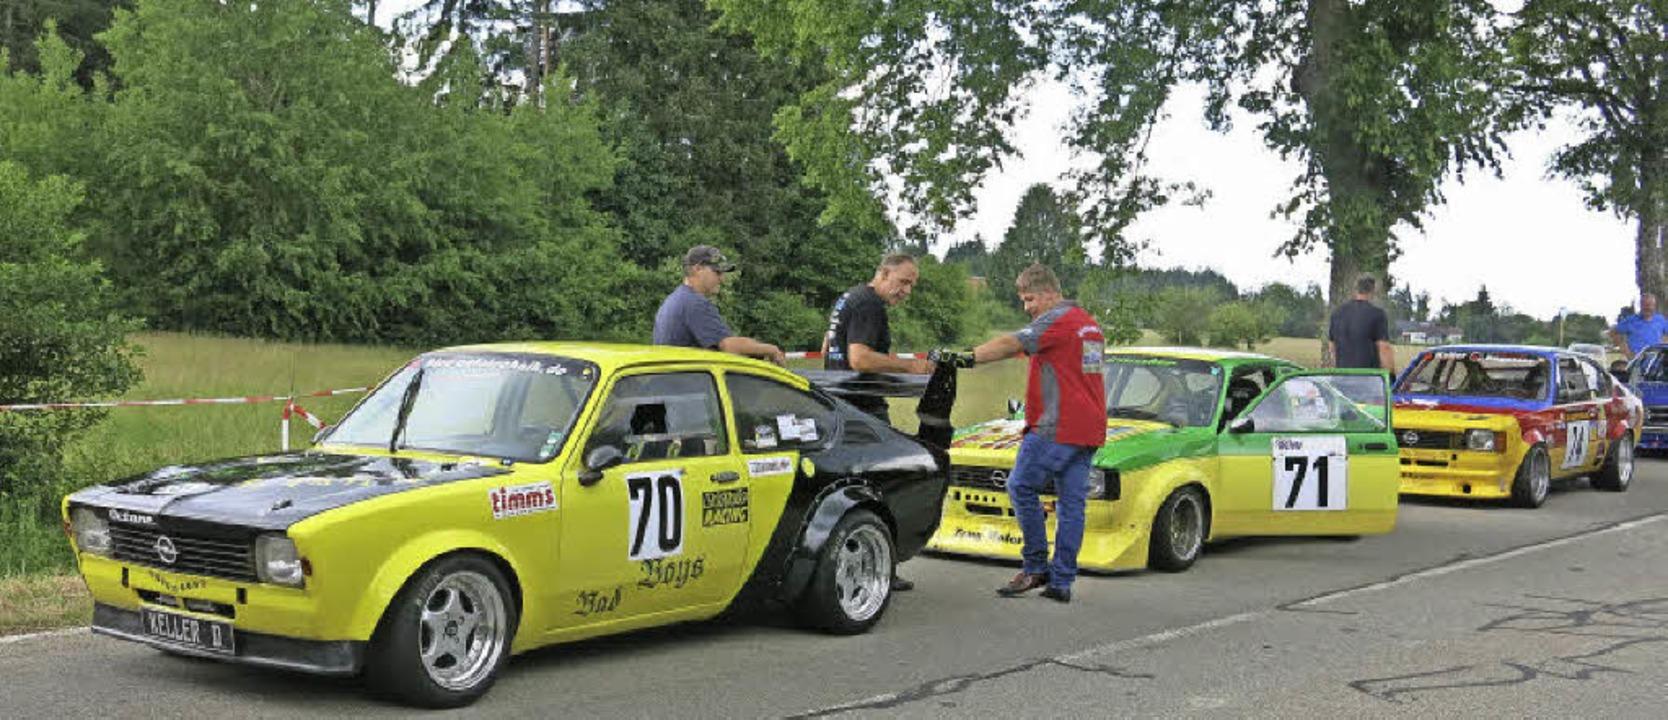 86 Motorsportler hatten am AMC-Slalom teilgenommen.   | Foto: Erhard Morath